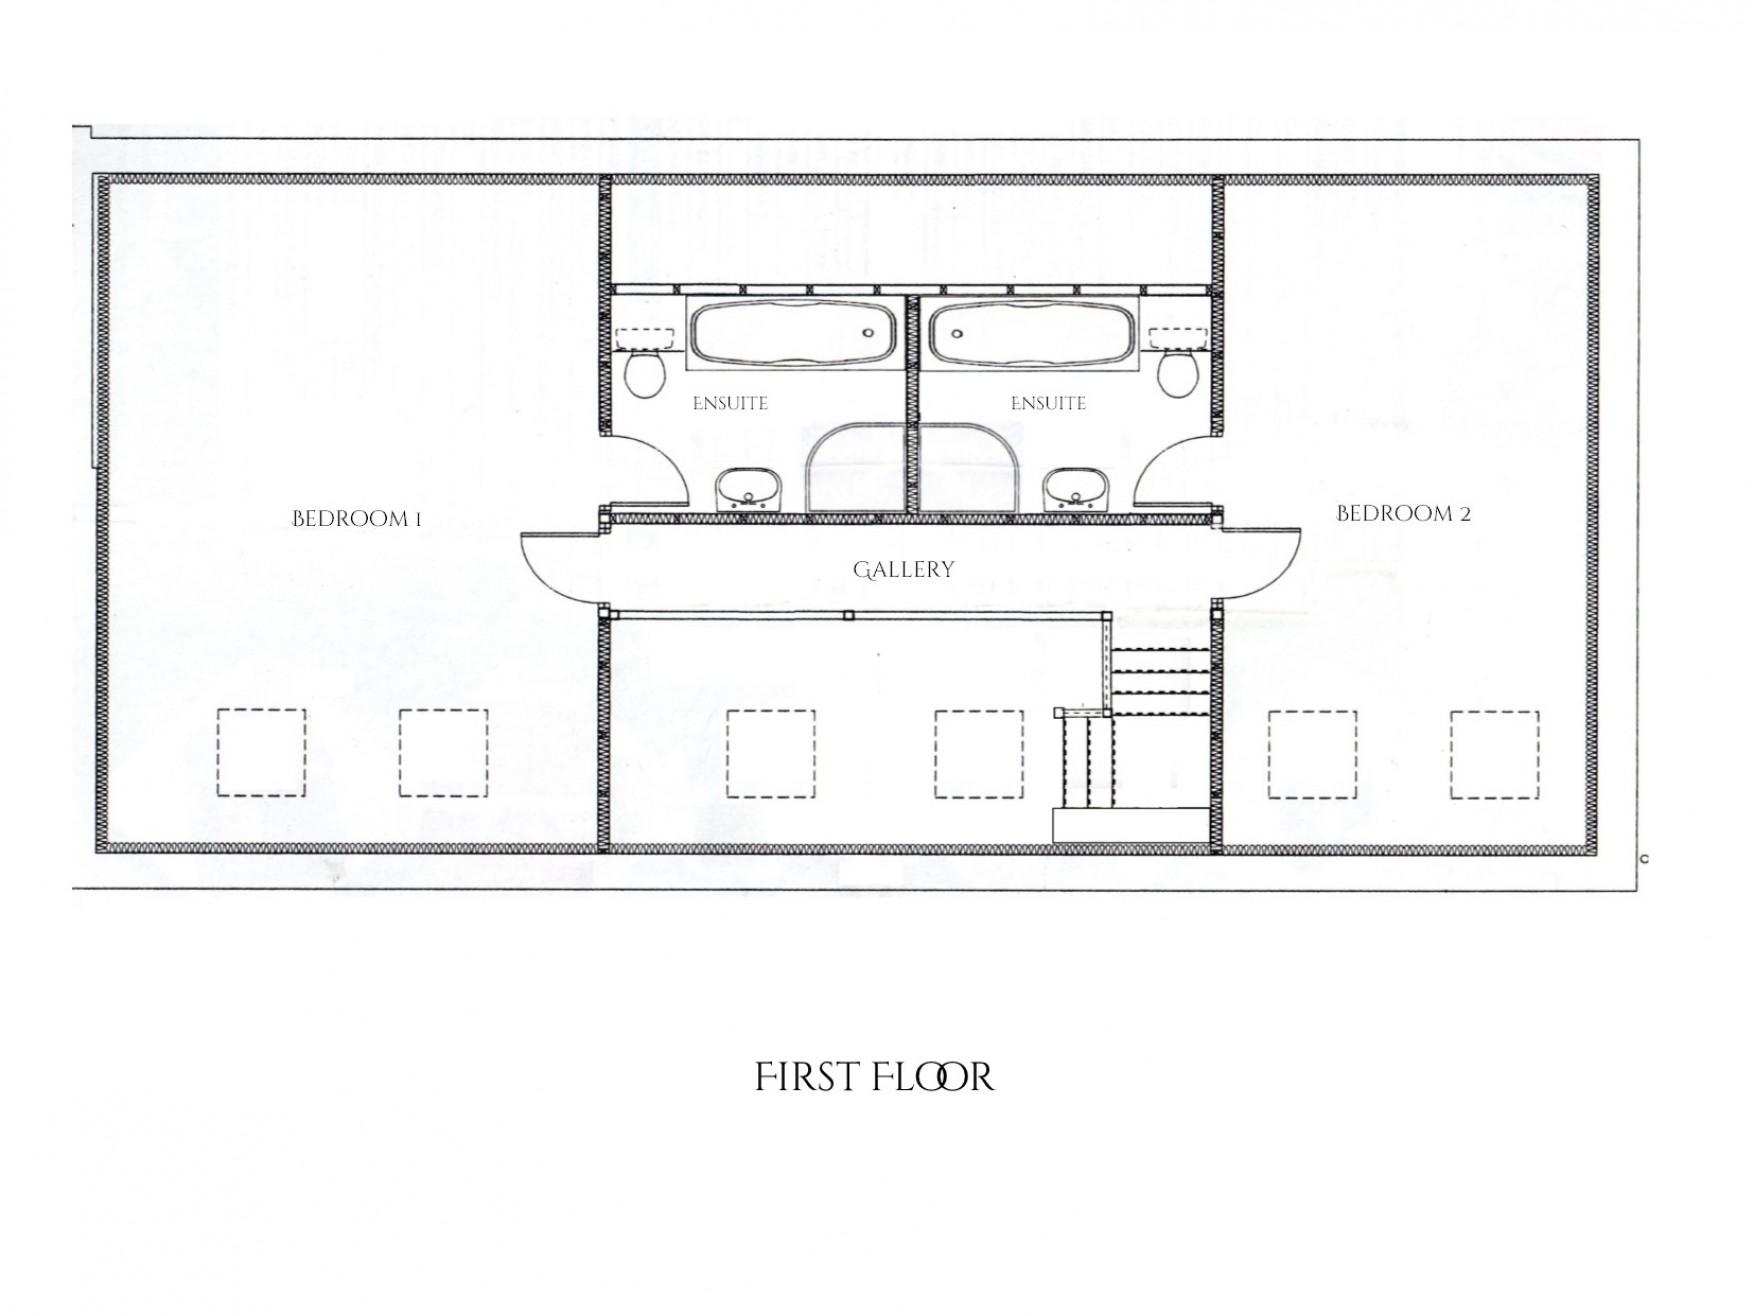 Pentney First Floor